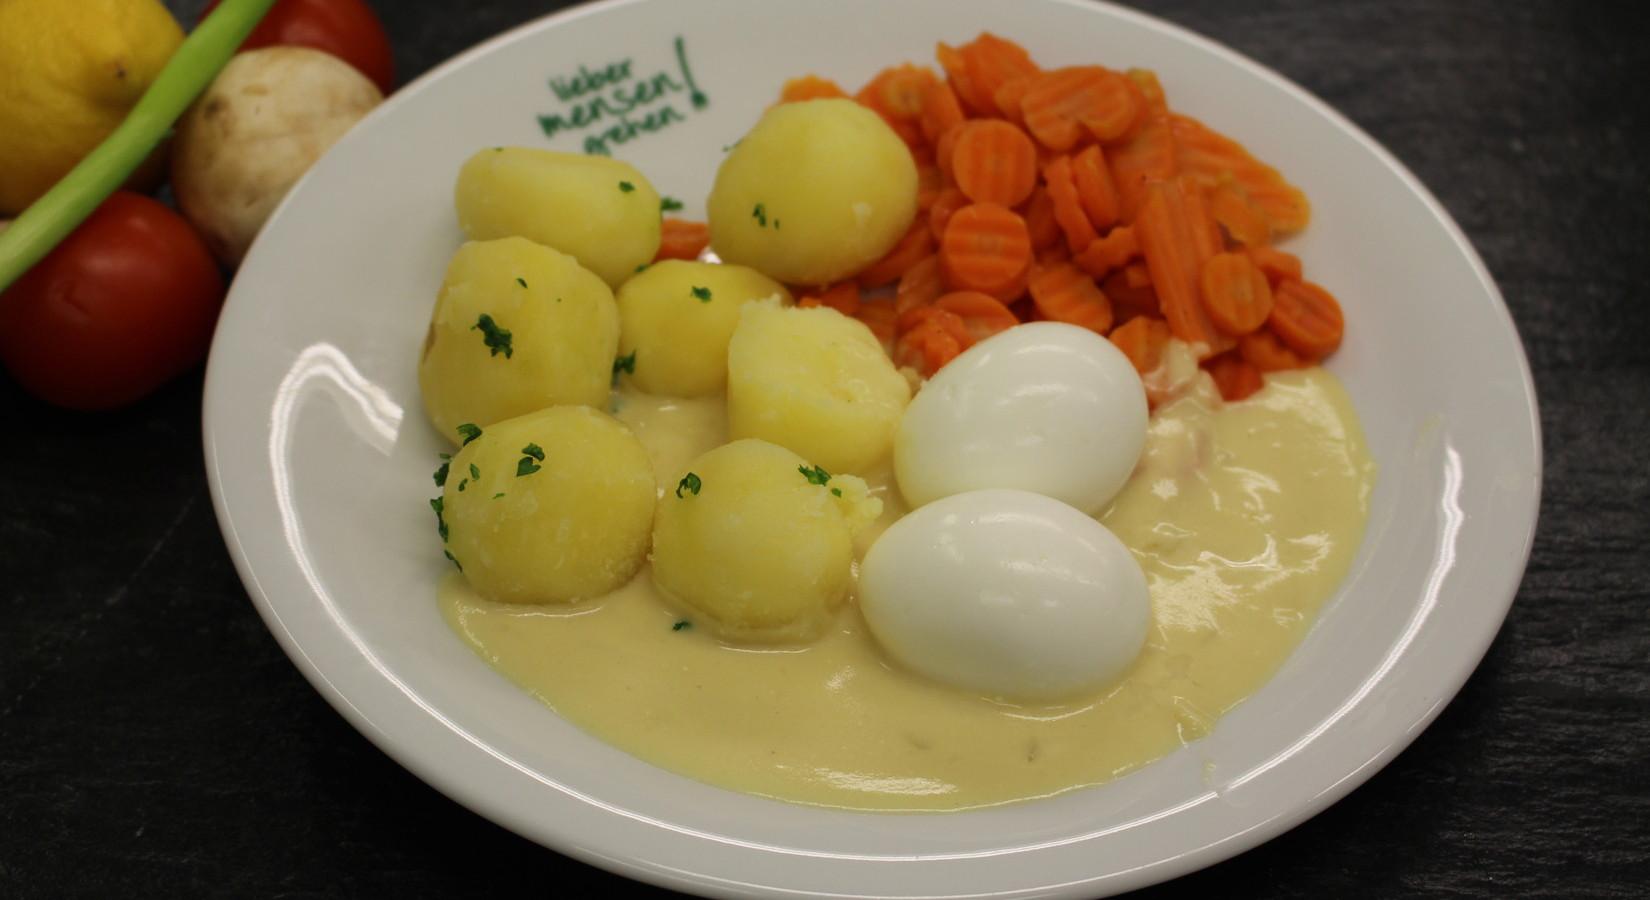 Zwei gekochte Eier auf Senfsoße mit Möhrengemüse und Petersilienkartoffeln